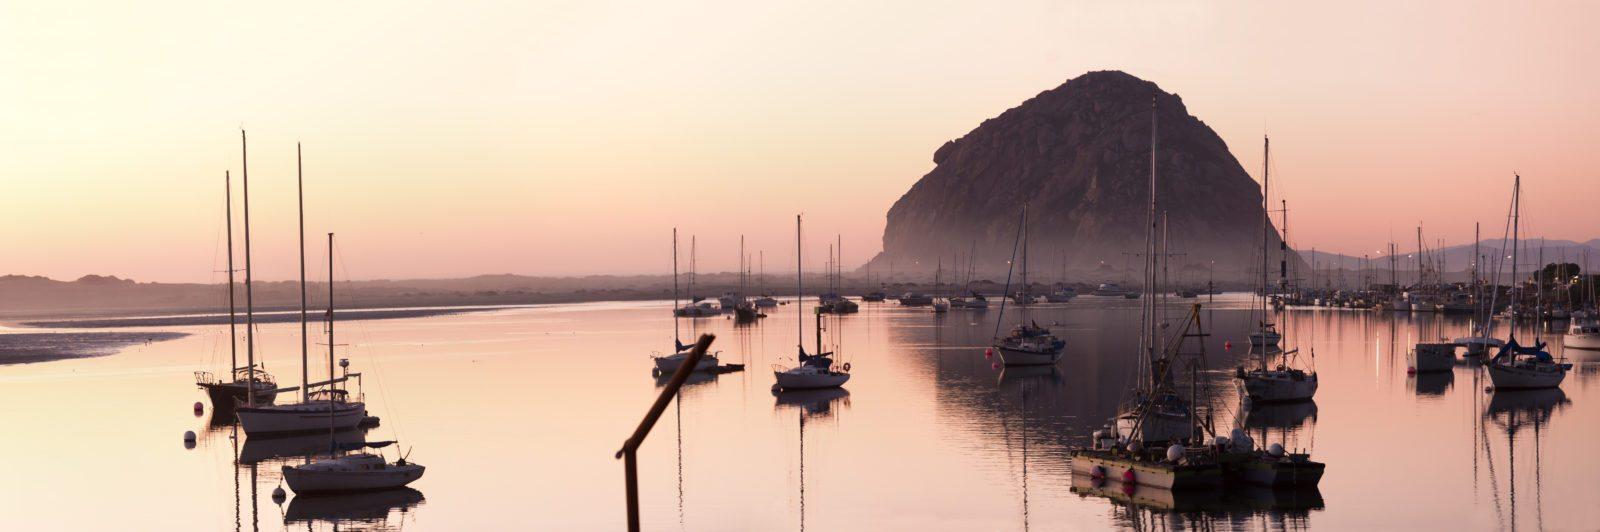 morro bay at dusk